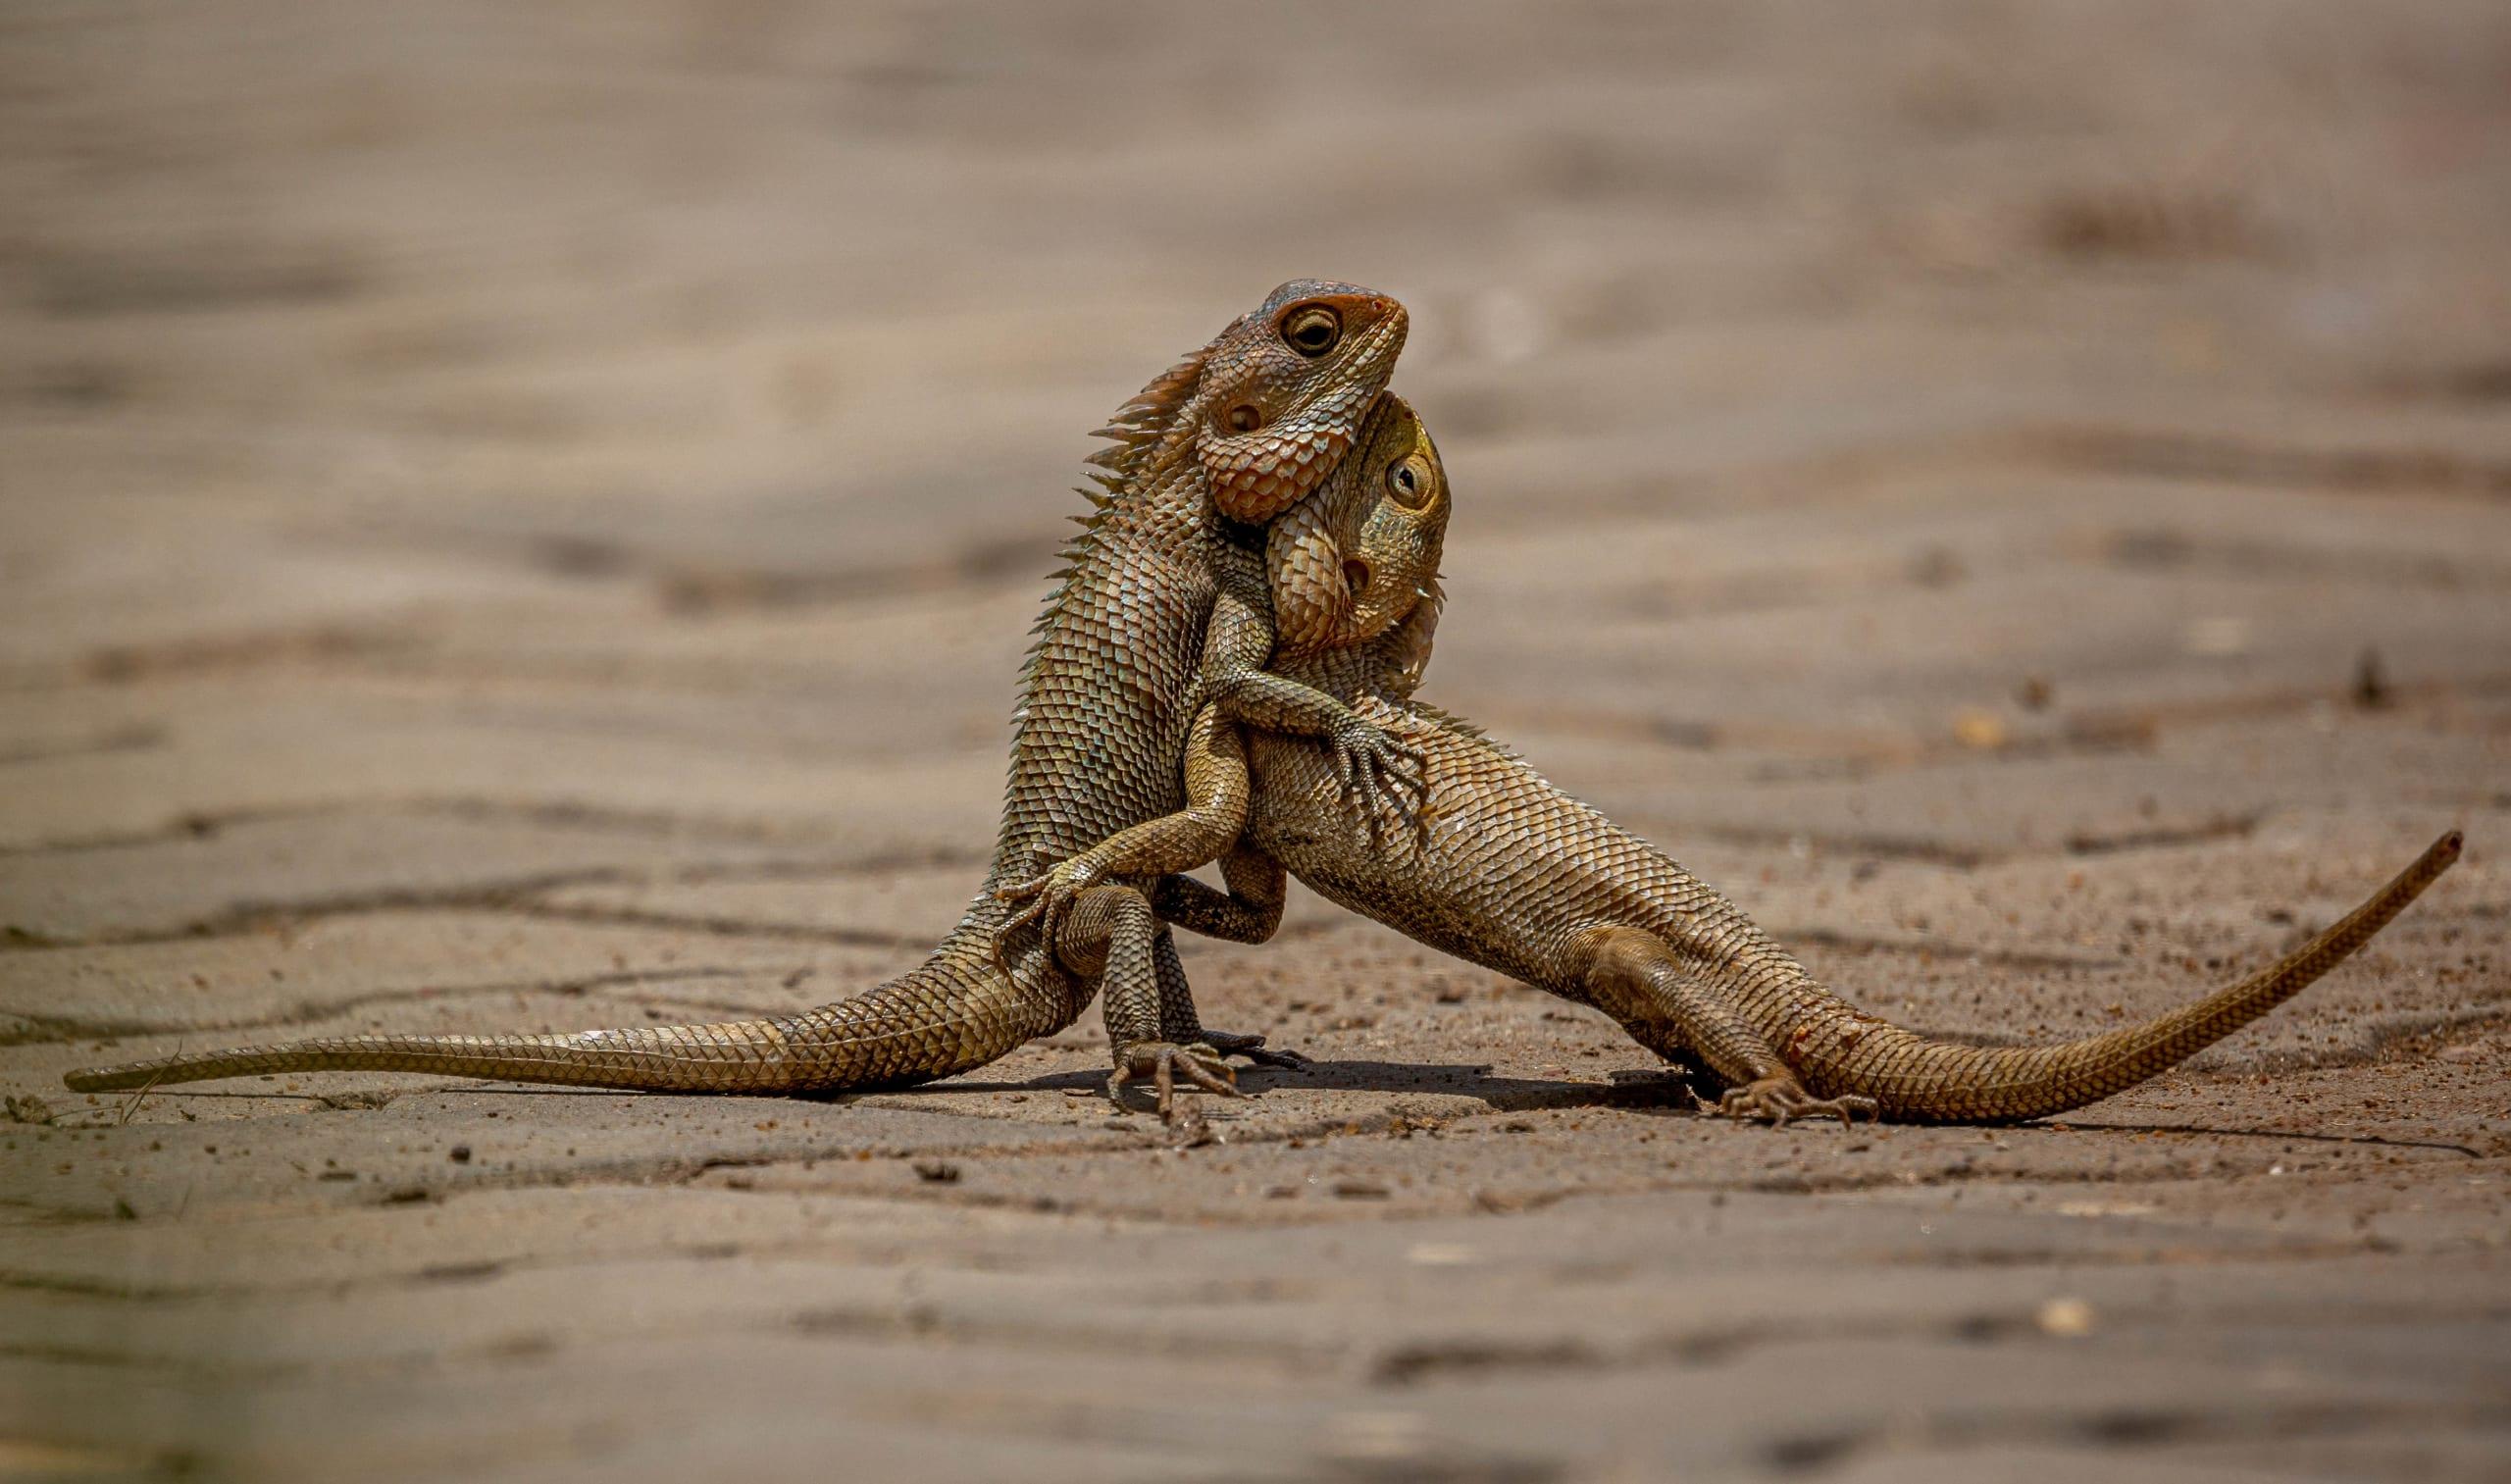 This photograph of oriental garden lizards was taken by DIPANJAN NATH of Bengaluru, Karnataka